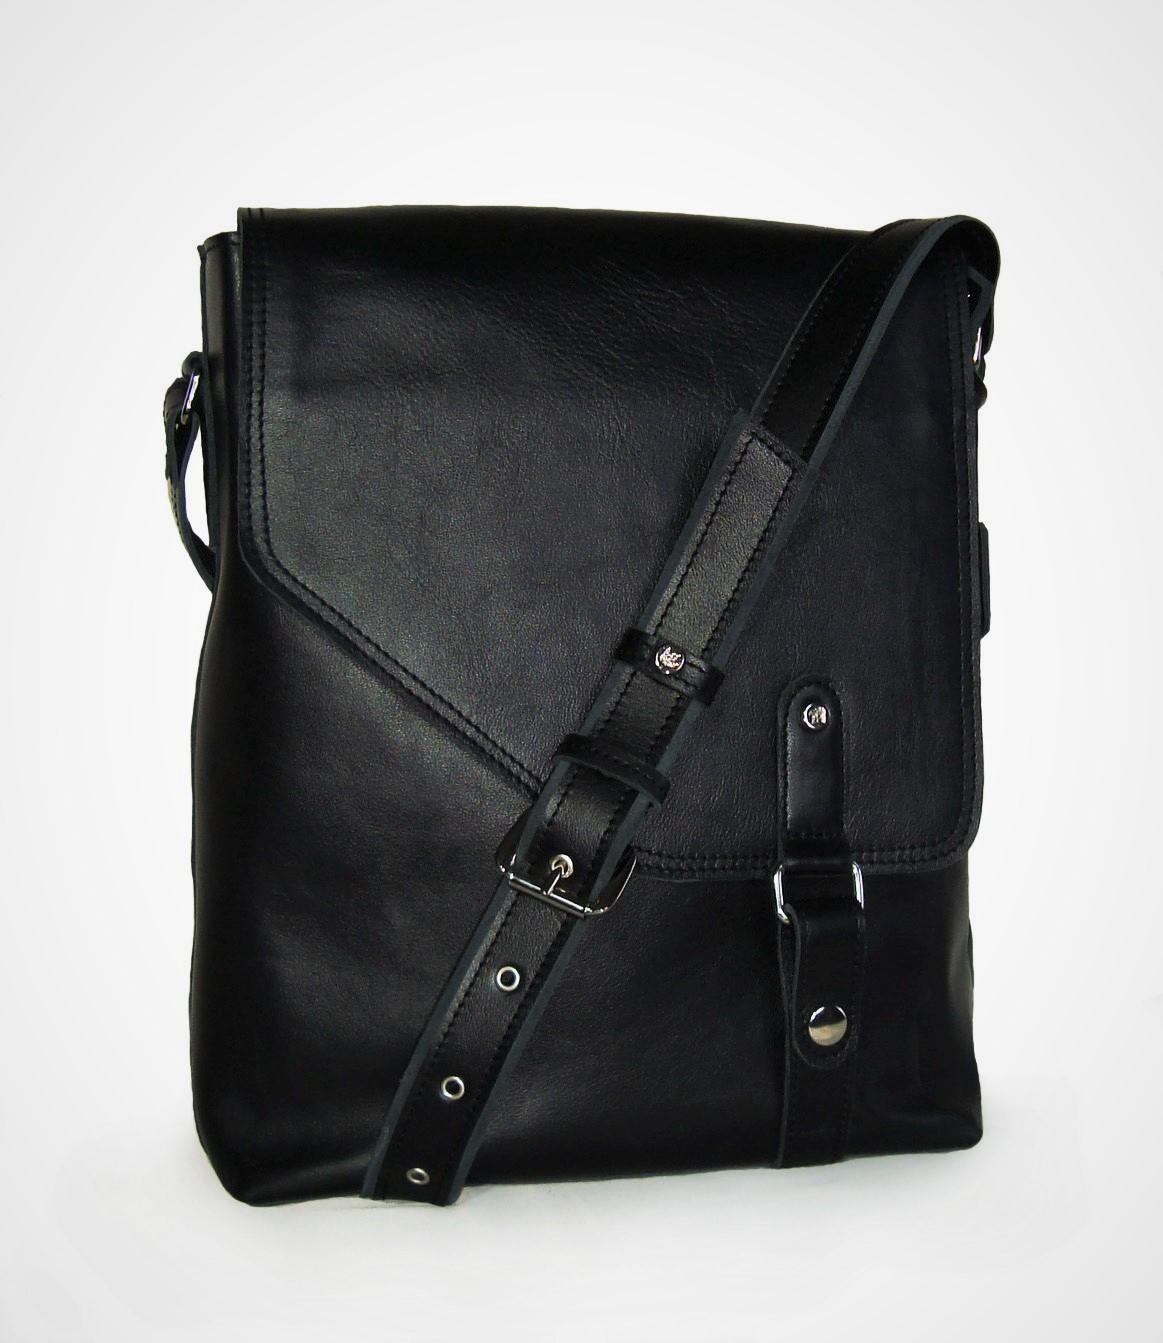 Сумка Модель №10Сумки и др. изделия из кожи<br>Высота сумки:34 см<br>Ширина сумки:27 см<br>Ширина дна:8 см<br>Длинна ремня:94-115 см<br>Ширина ремня:3 см<br><br>Тип: Сумка<br>Размер: -<br>Материал: Натуральная кожа